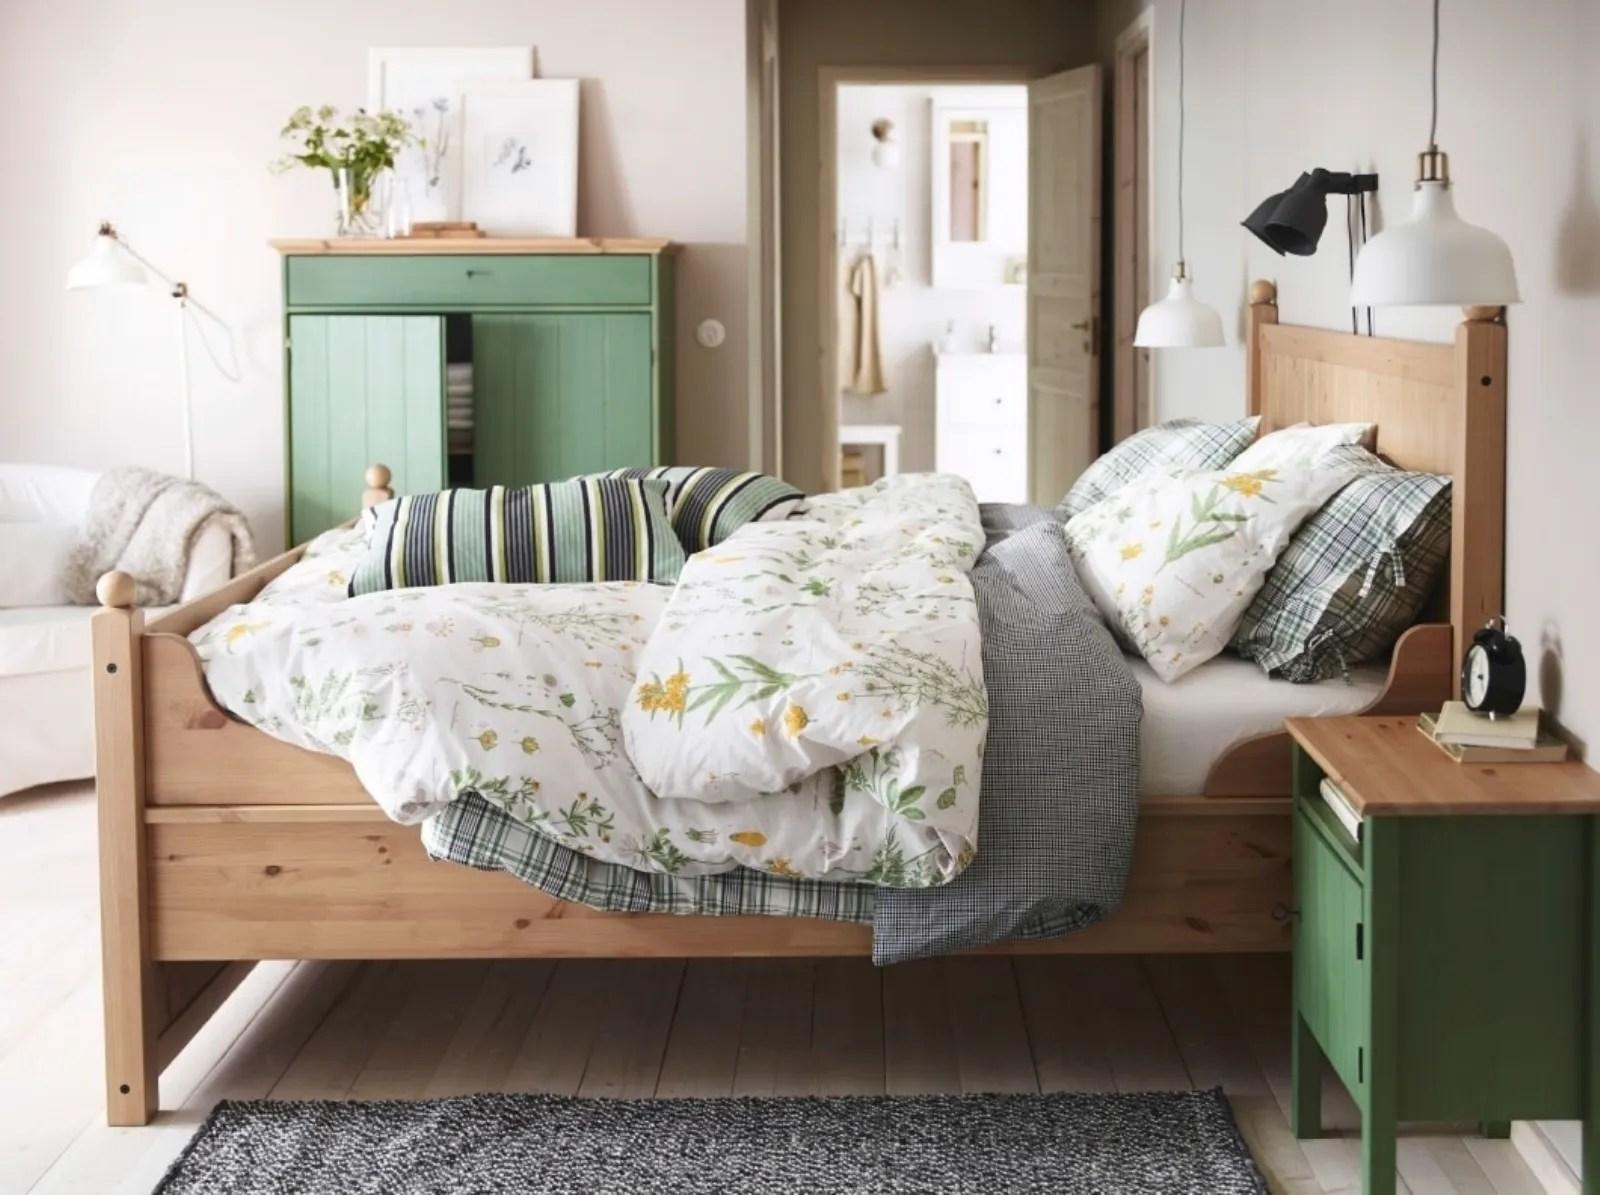 Camere da letto Ikea stanze da letto originali ed